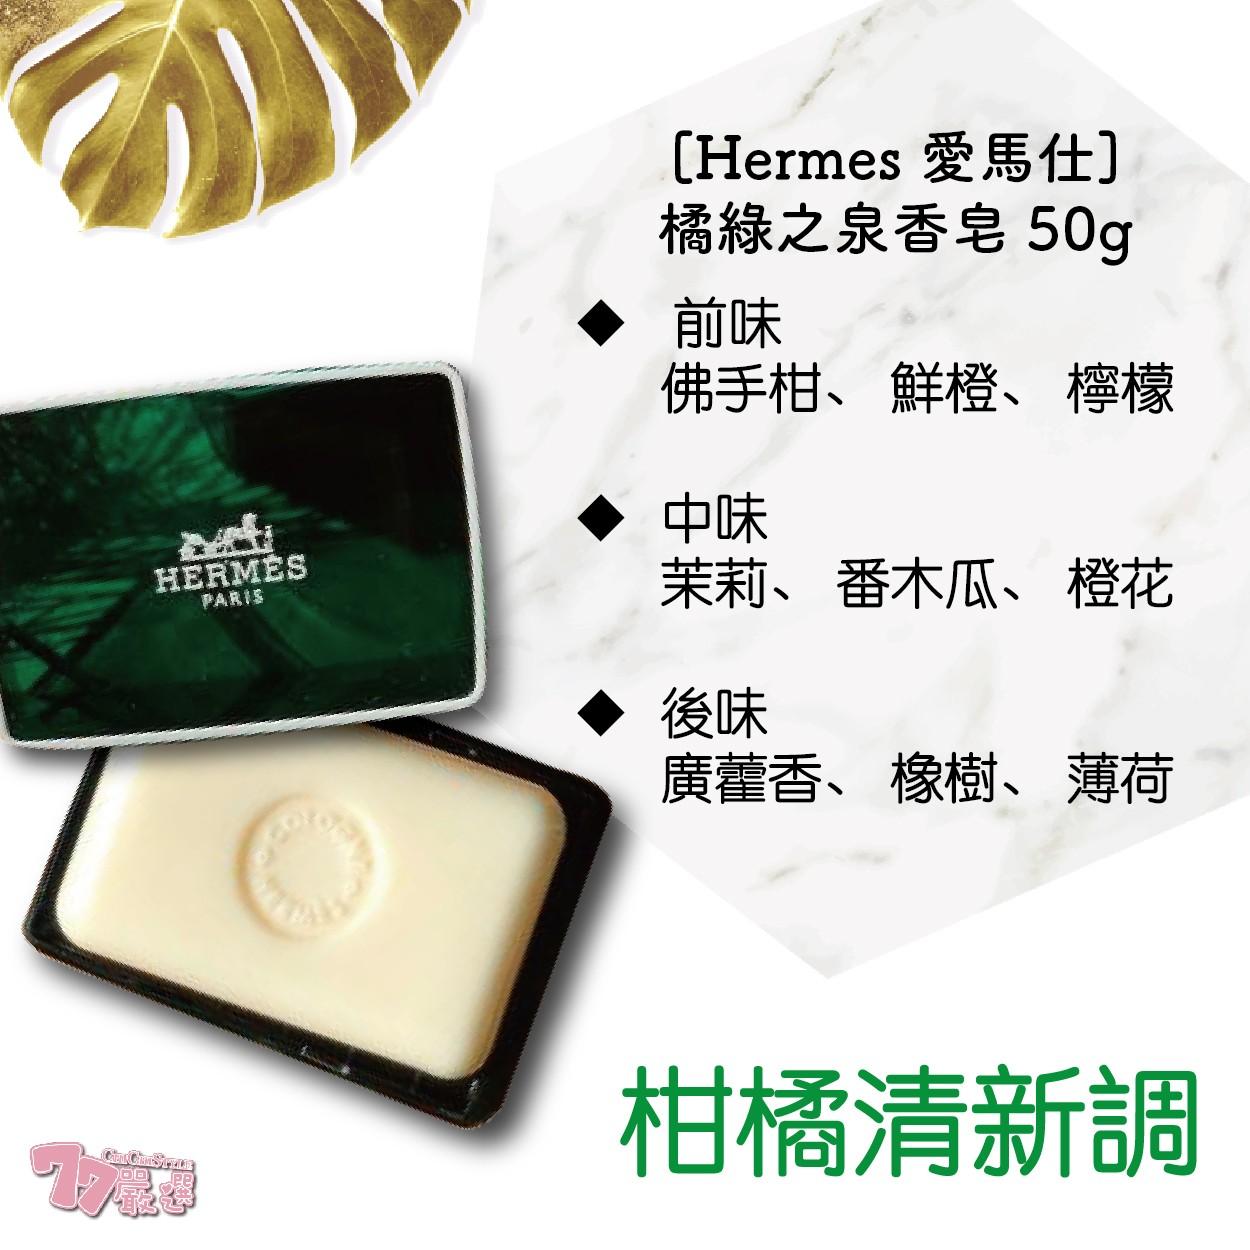 【美安大會】HERMES 愛馬仕 D'OrangeVerte橘綠之泉香皂 50g - 挑戰全網最低價